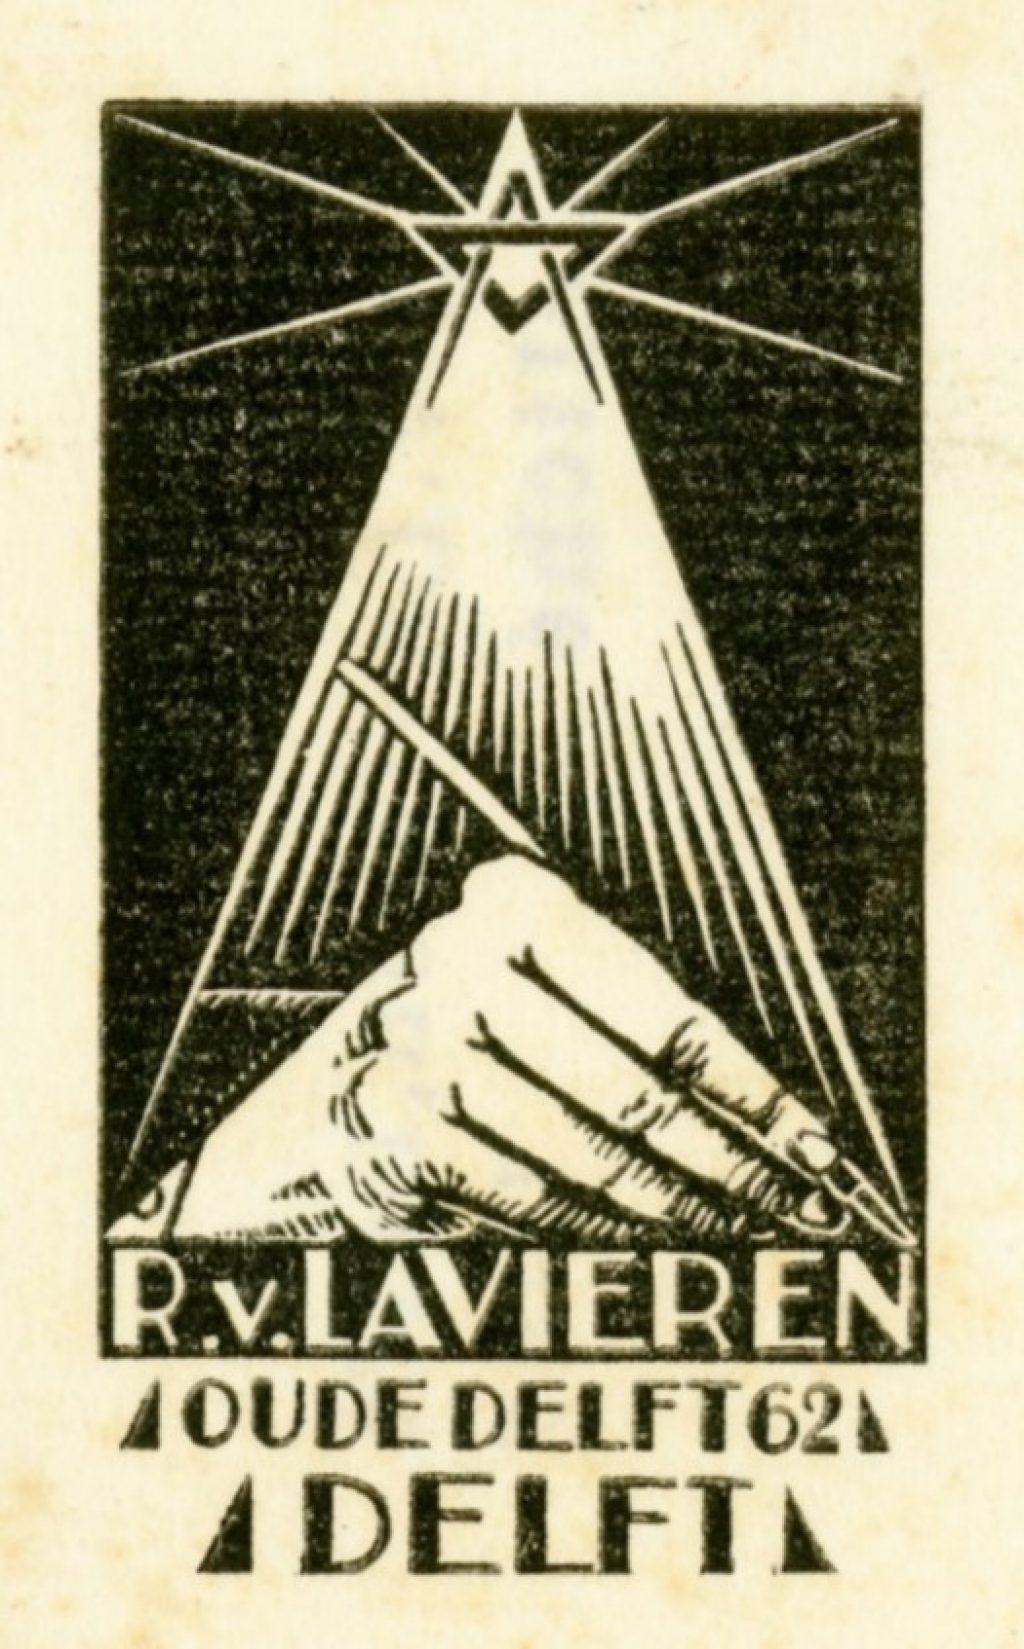 Ex librissen: Voor Rijk van Lavieren door hemzelf gemaakt (TMS 139219).